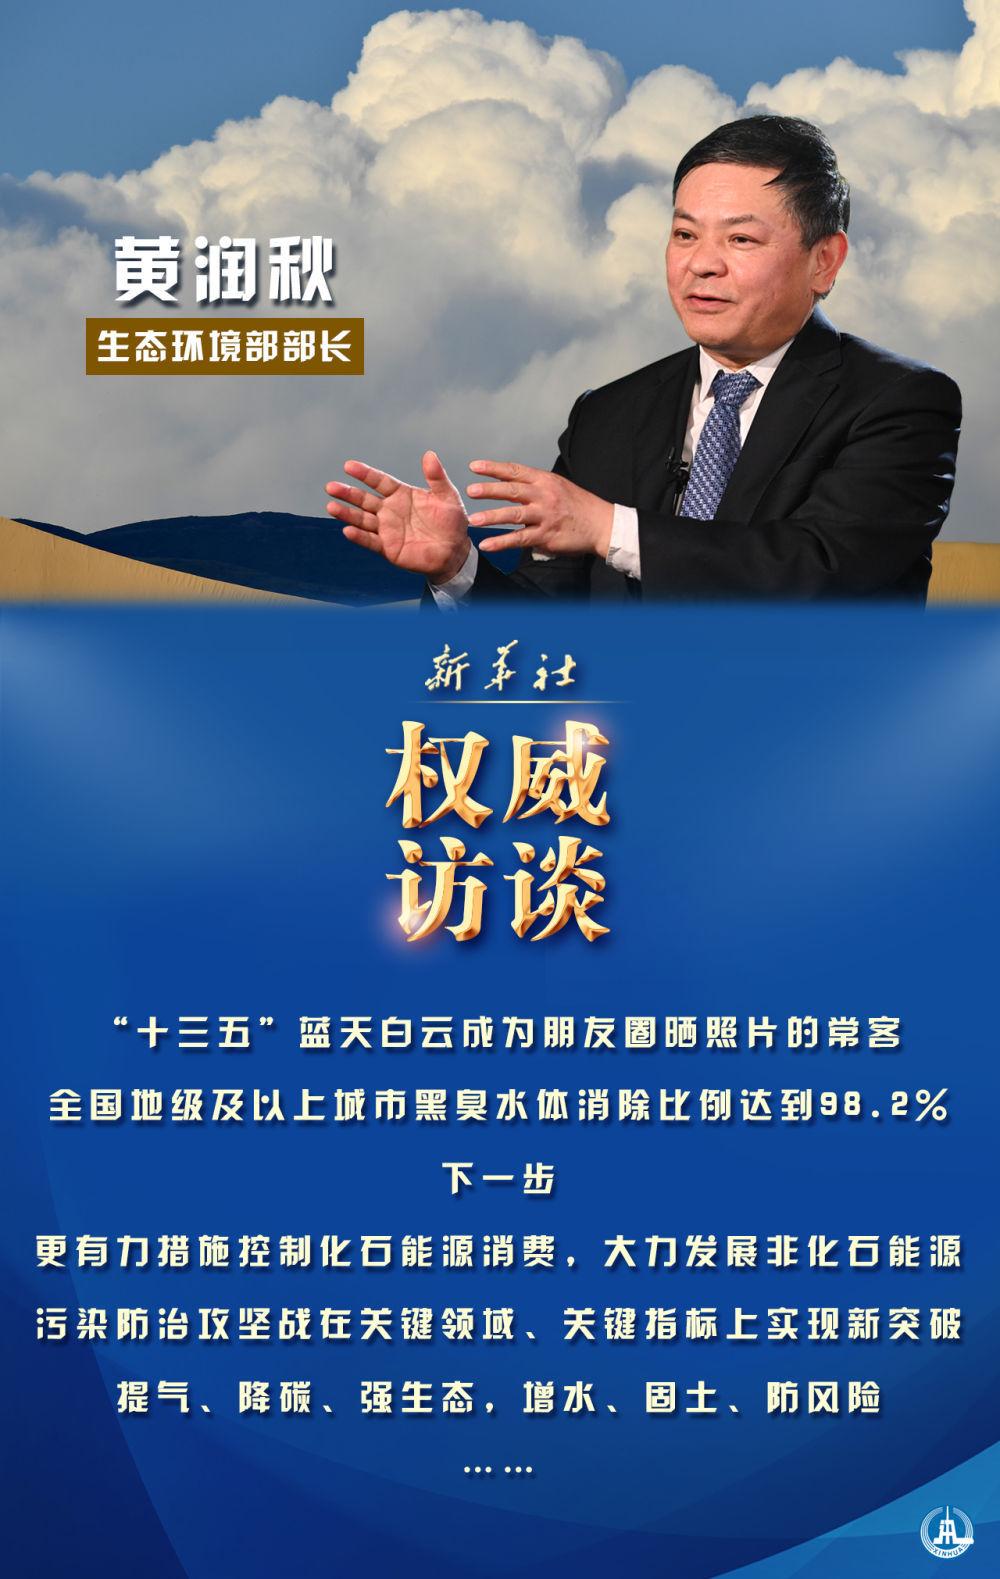 生态环境部部长黄润秋:迈好第一步,见到新气象